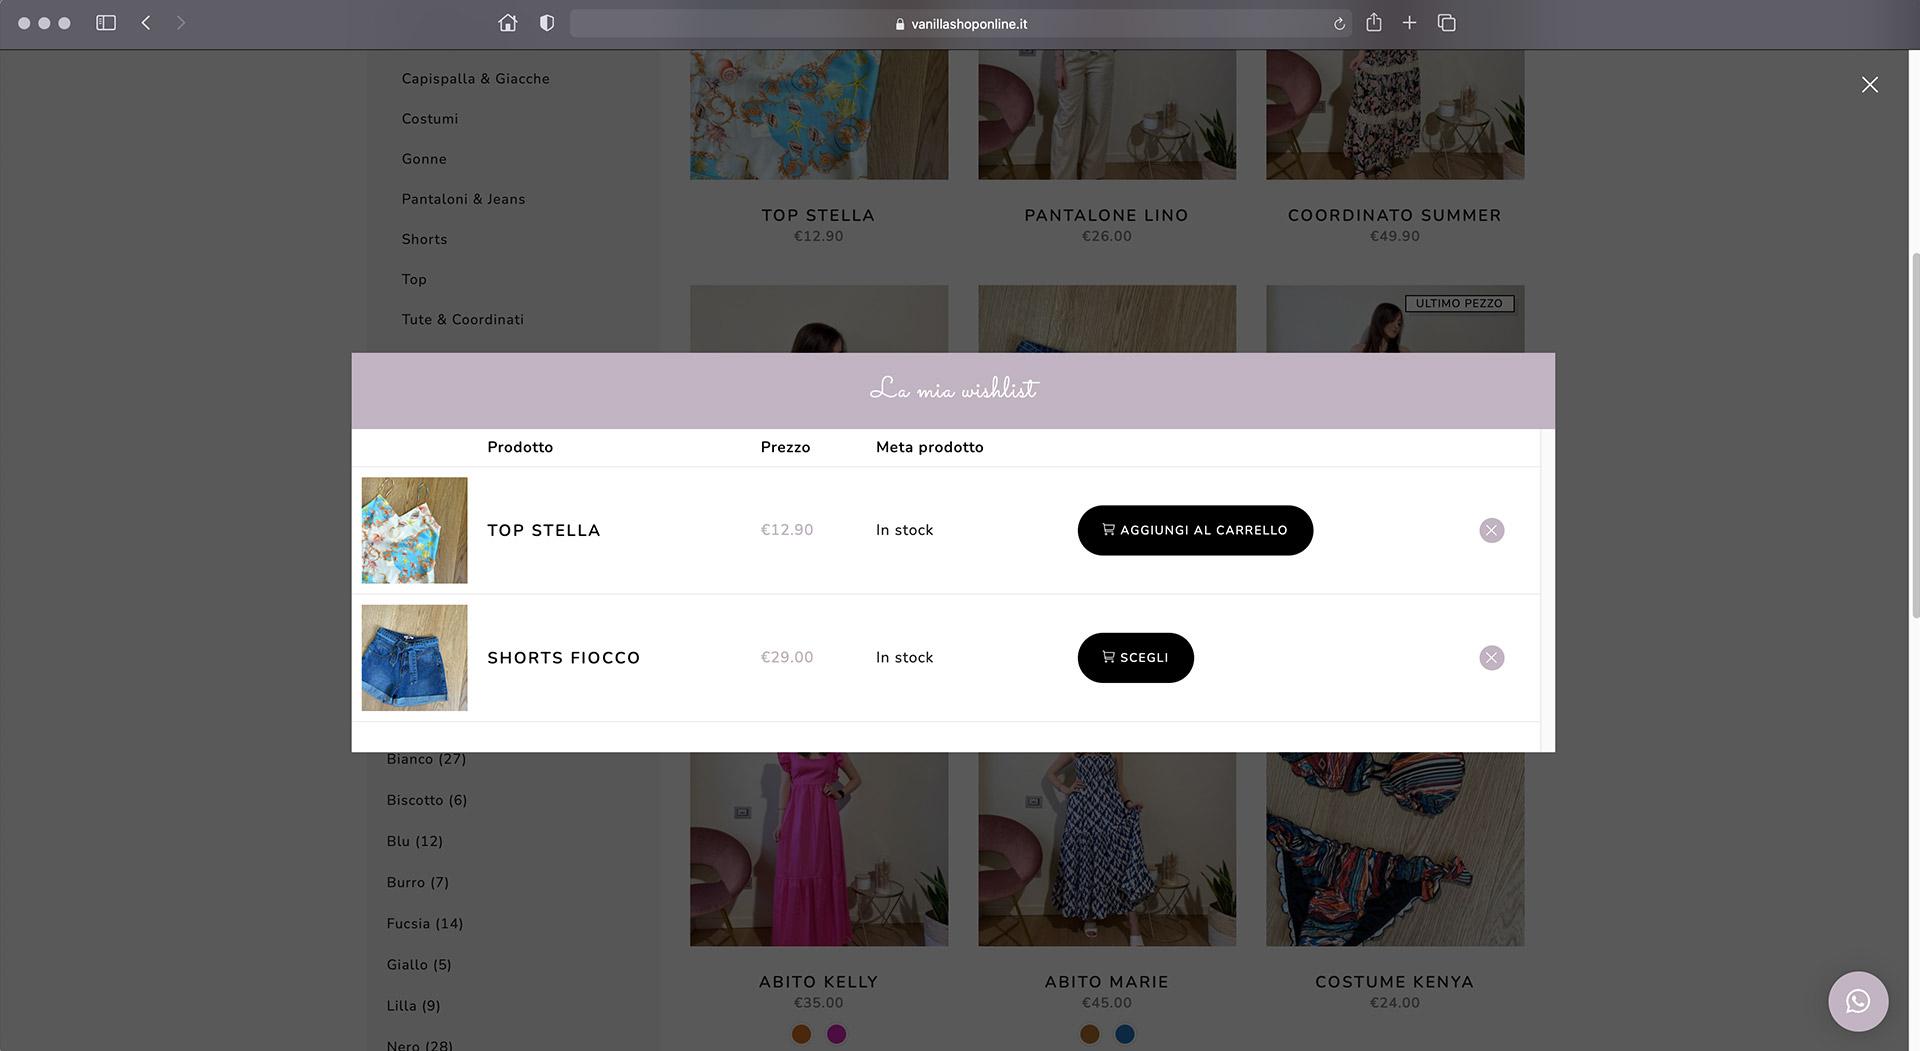 realizzazione-e-commerce-abbigliaemento-negozio-online-donna-brescia_08